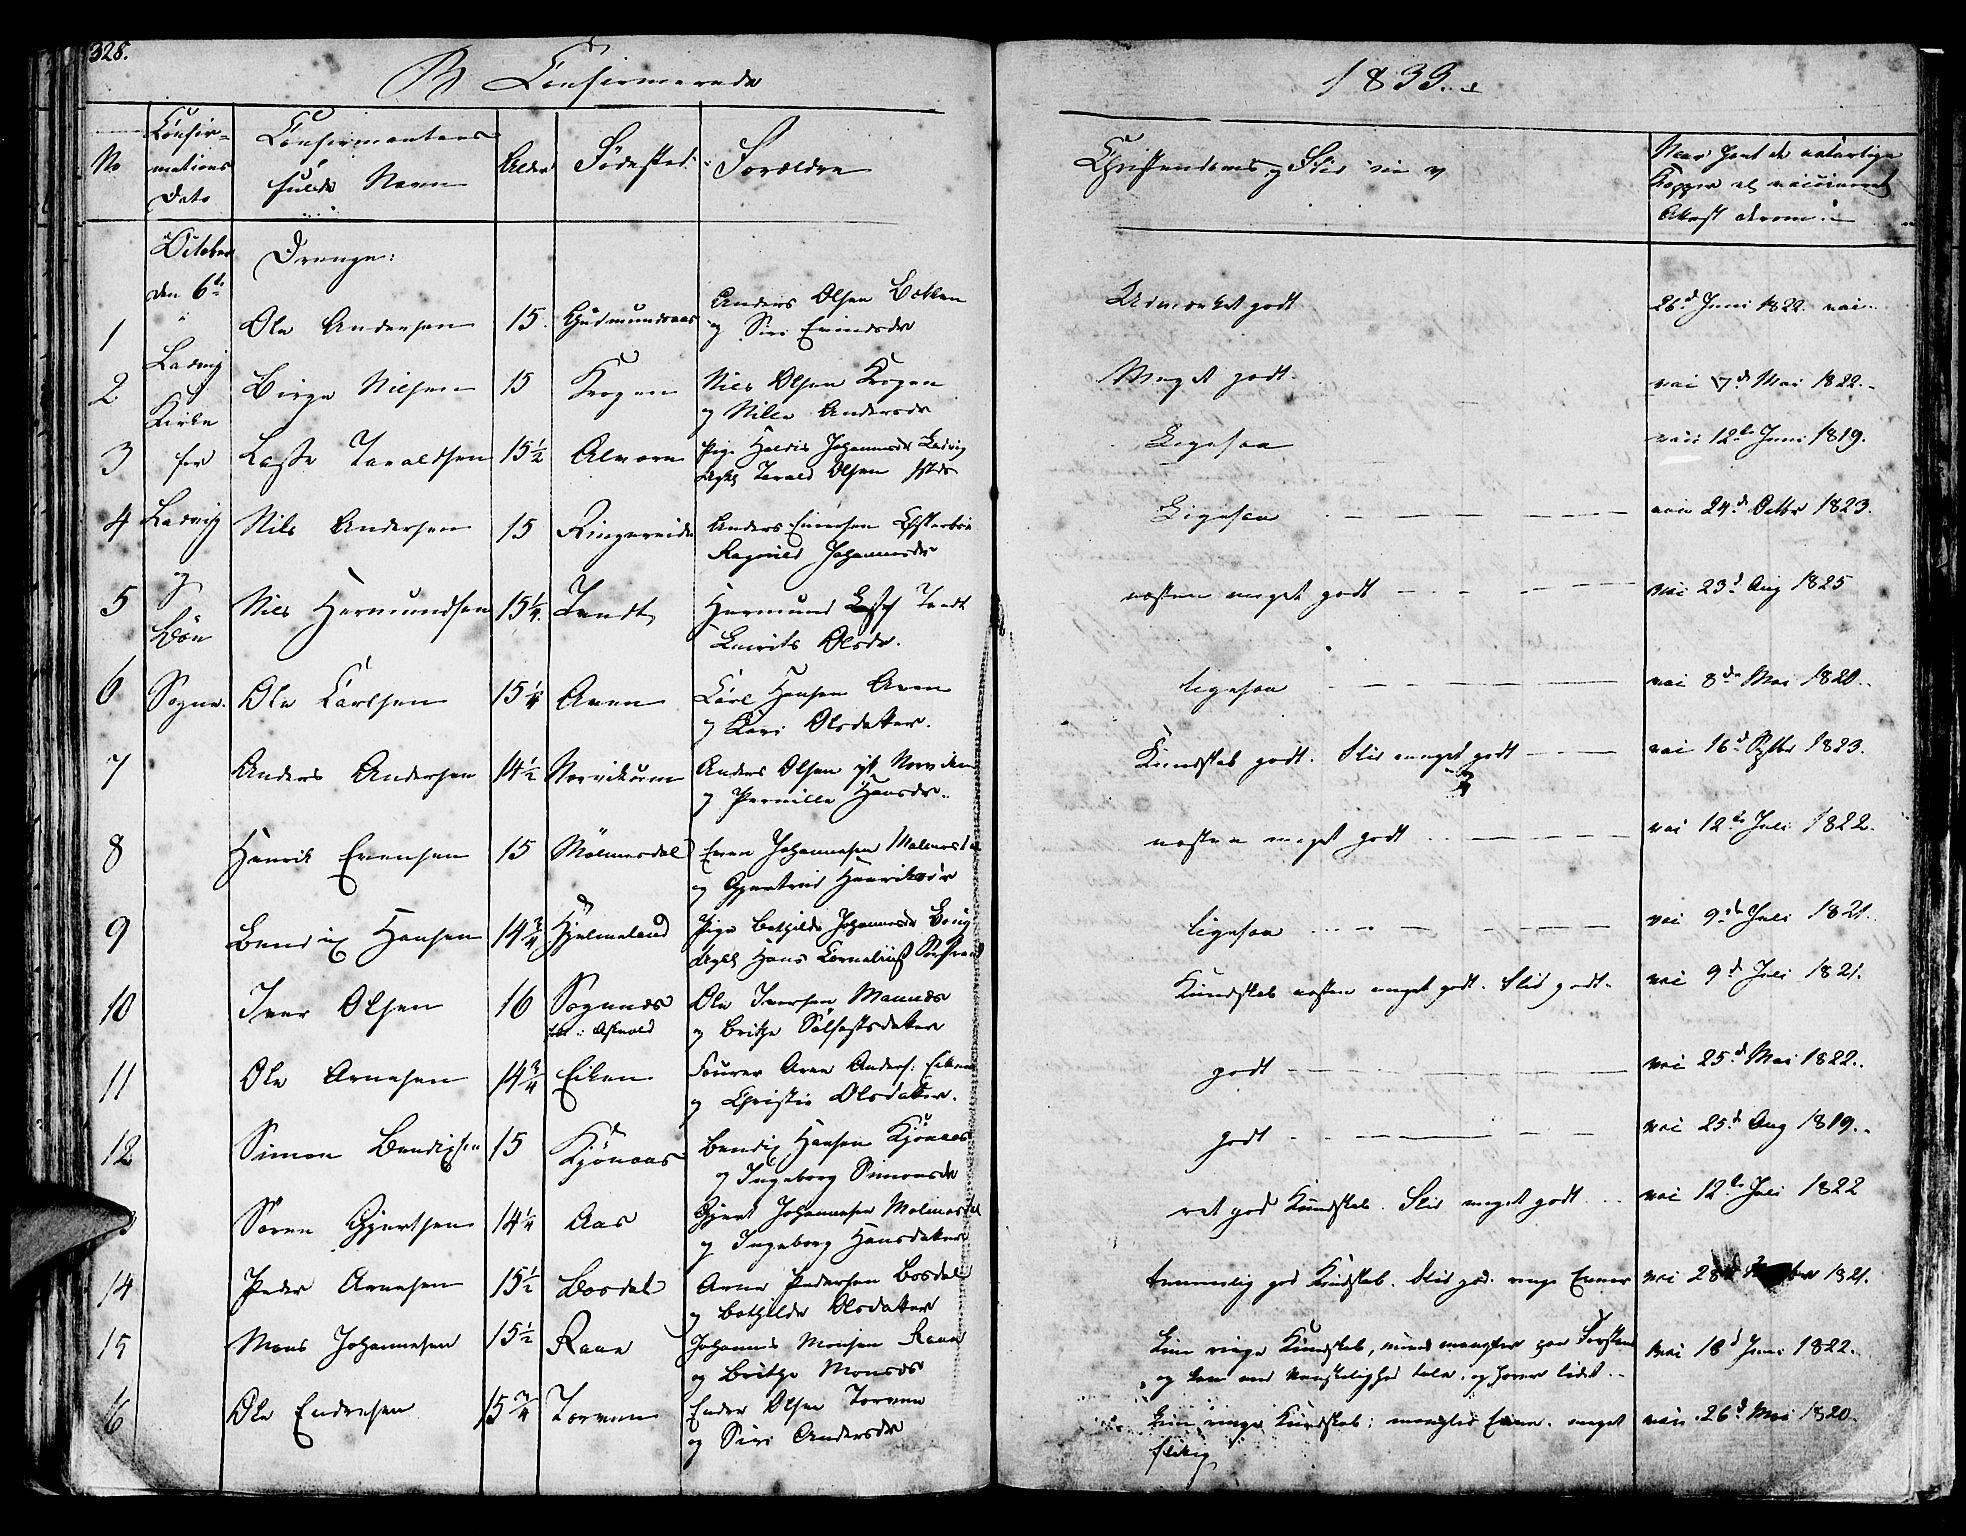 SAB, Lavik sokneprestembete, Ministerialbok nr. A 2I, 1821-1842, s. 328